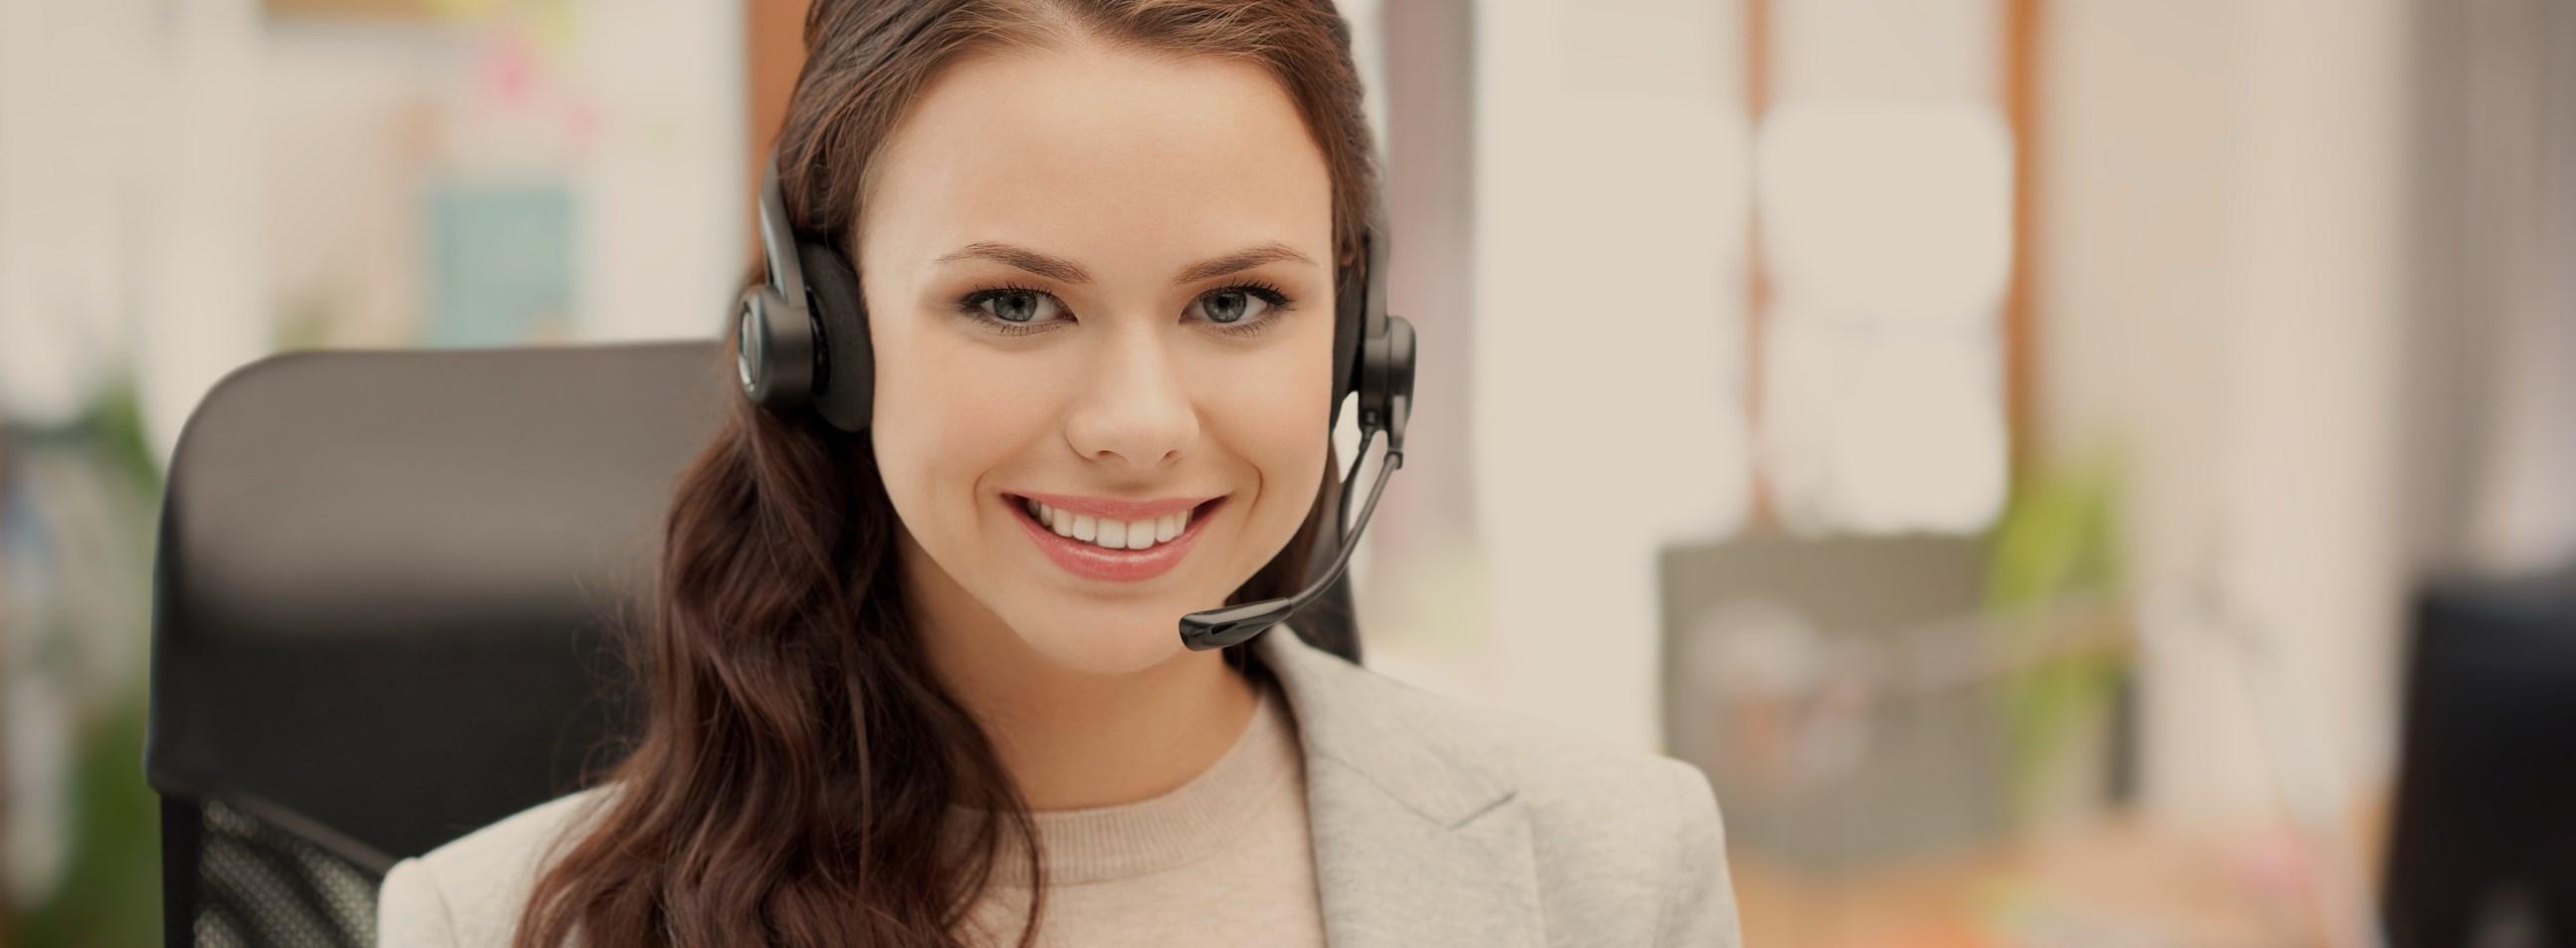 europetrain - Der Personalentwickler an Ihrer Seite